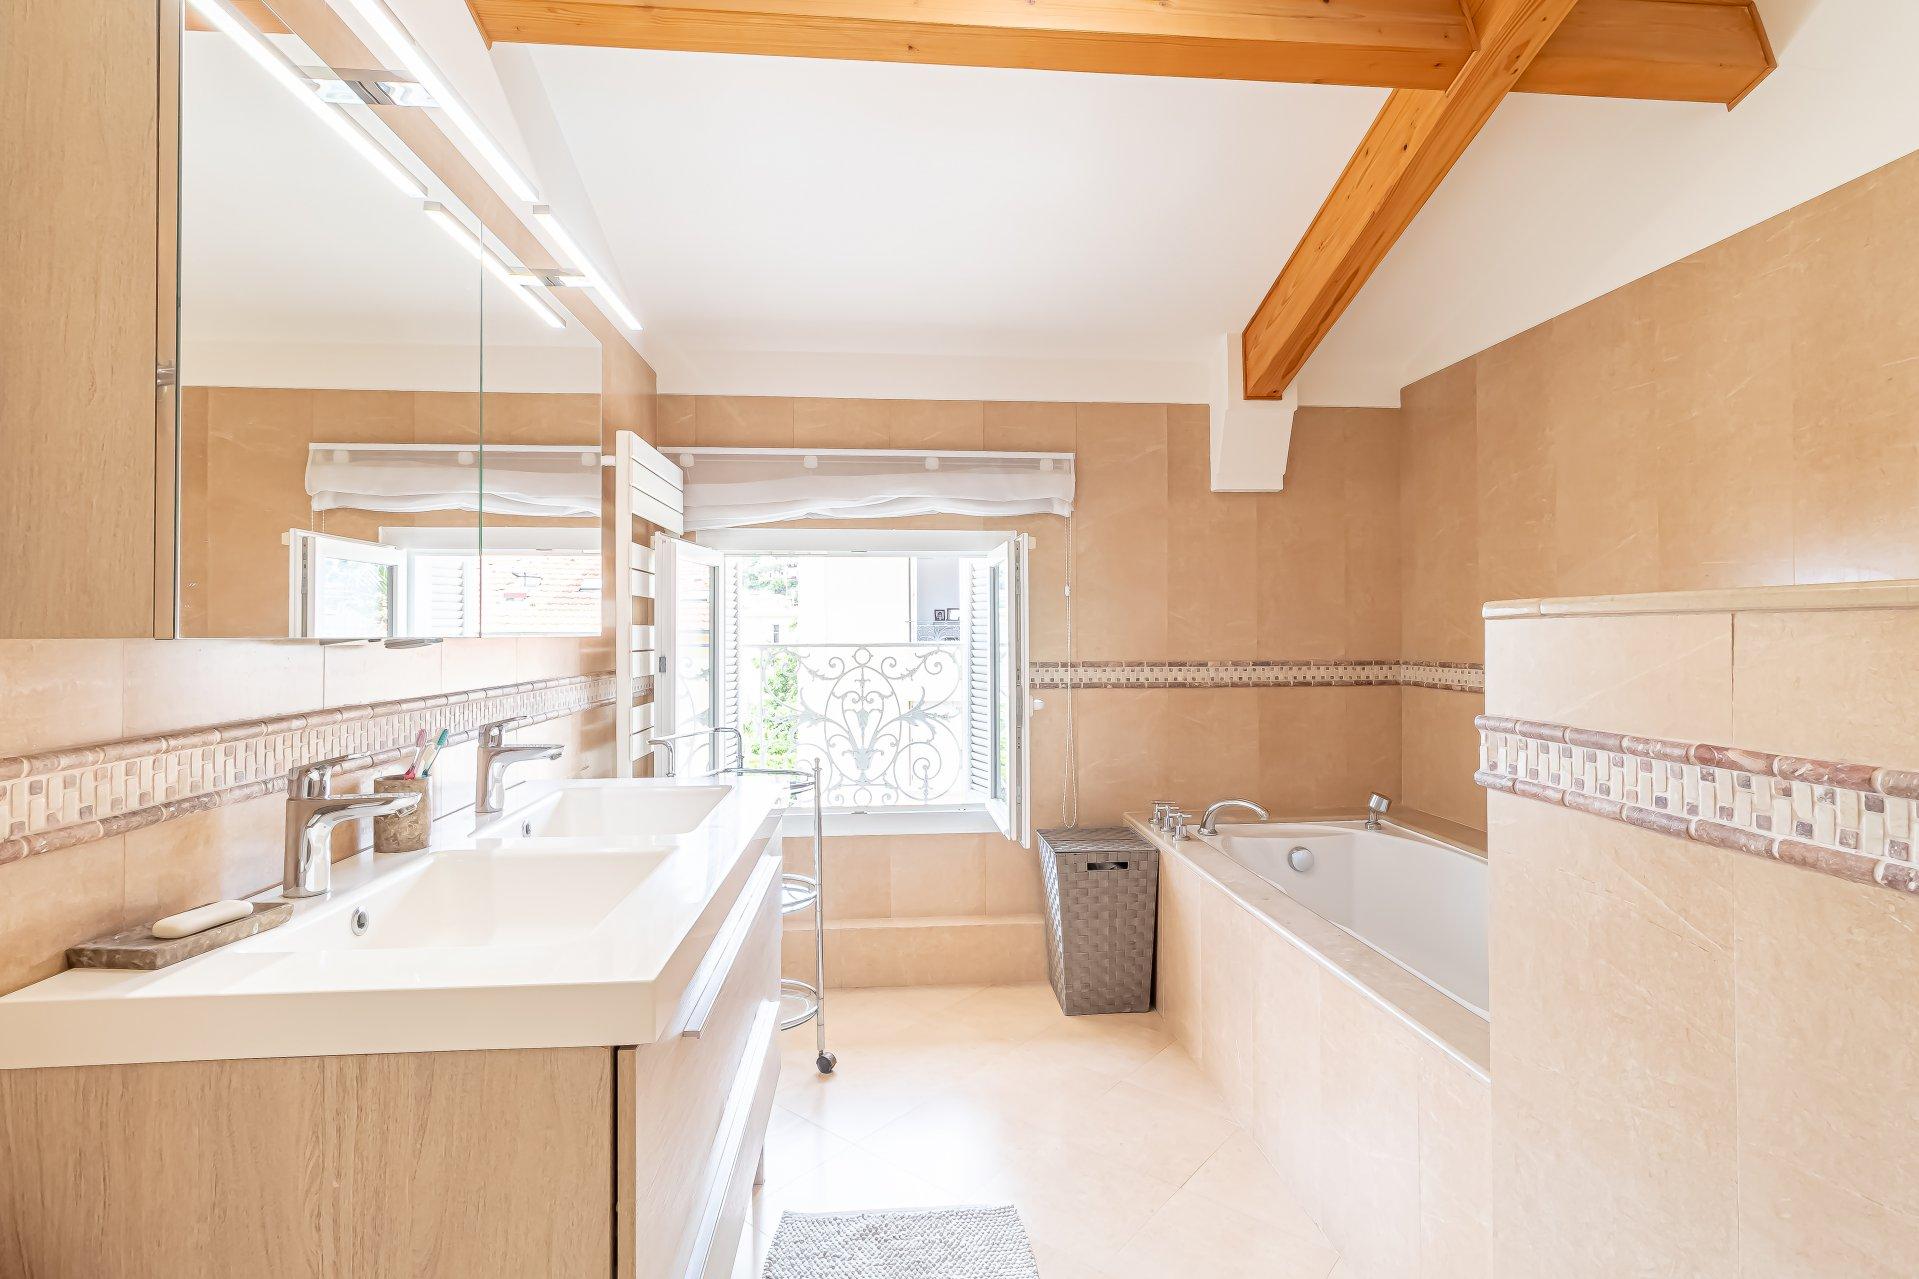 Beaulieu s/m, charmant appart/maison 5 pièces , terrasse, vue et garage